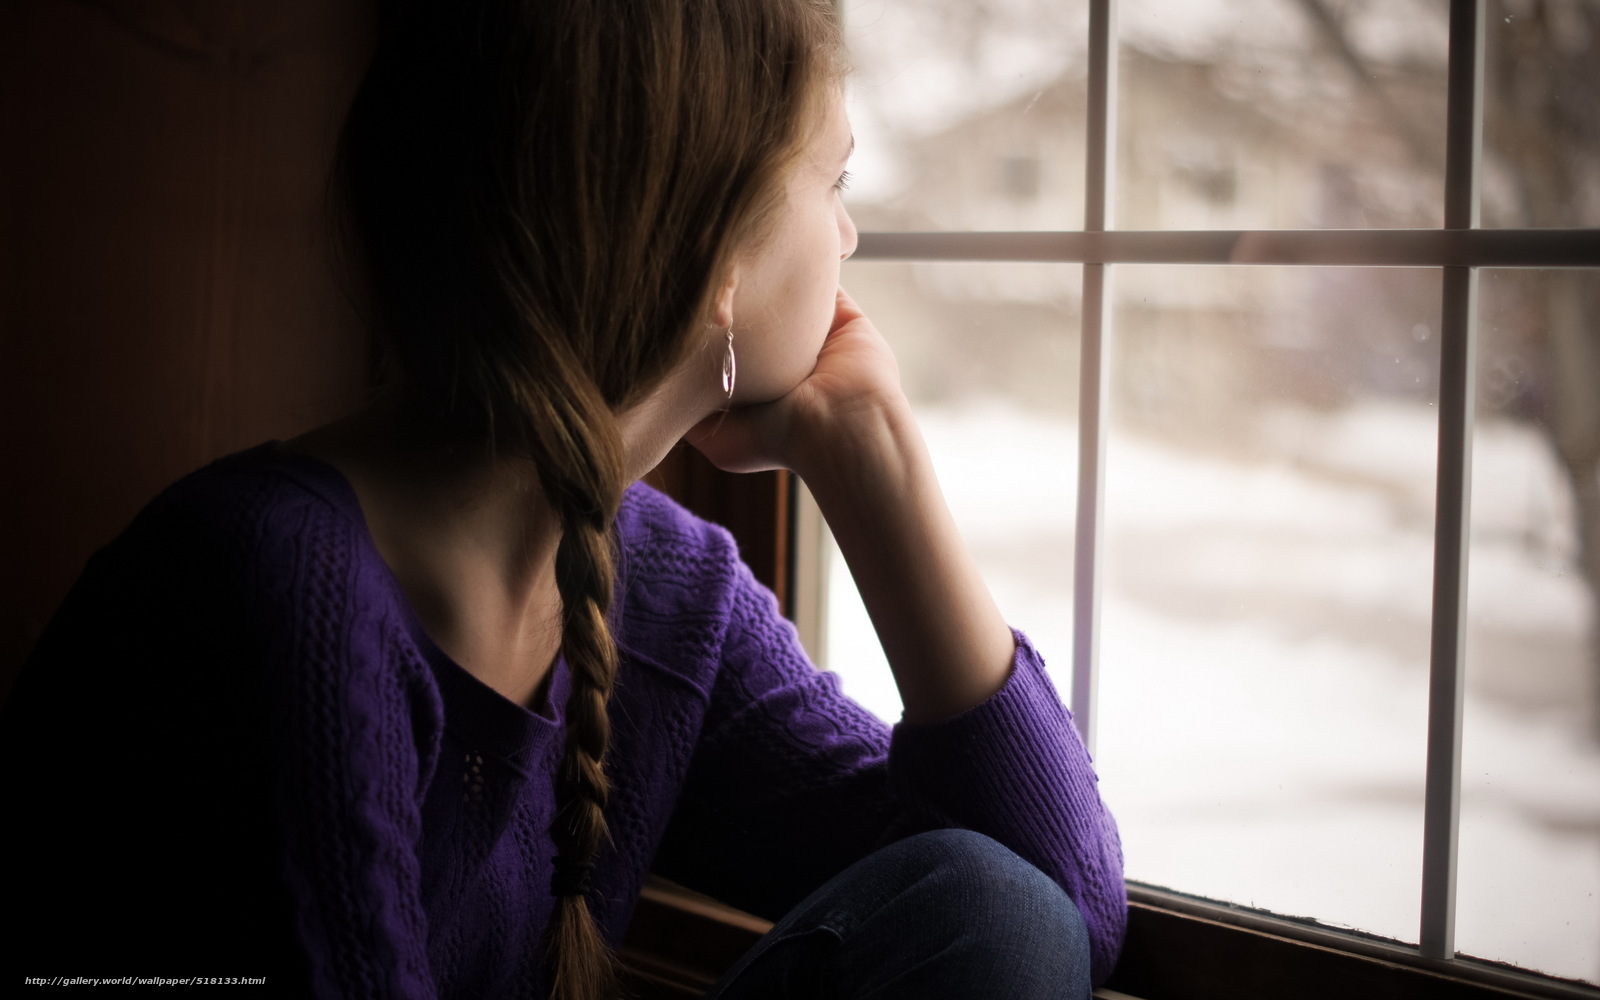 Рассказы девушка в окне 17 фотография